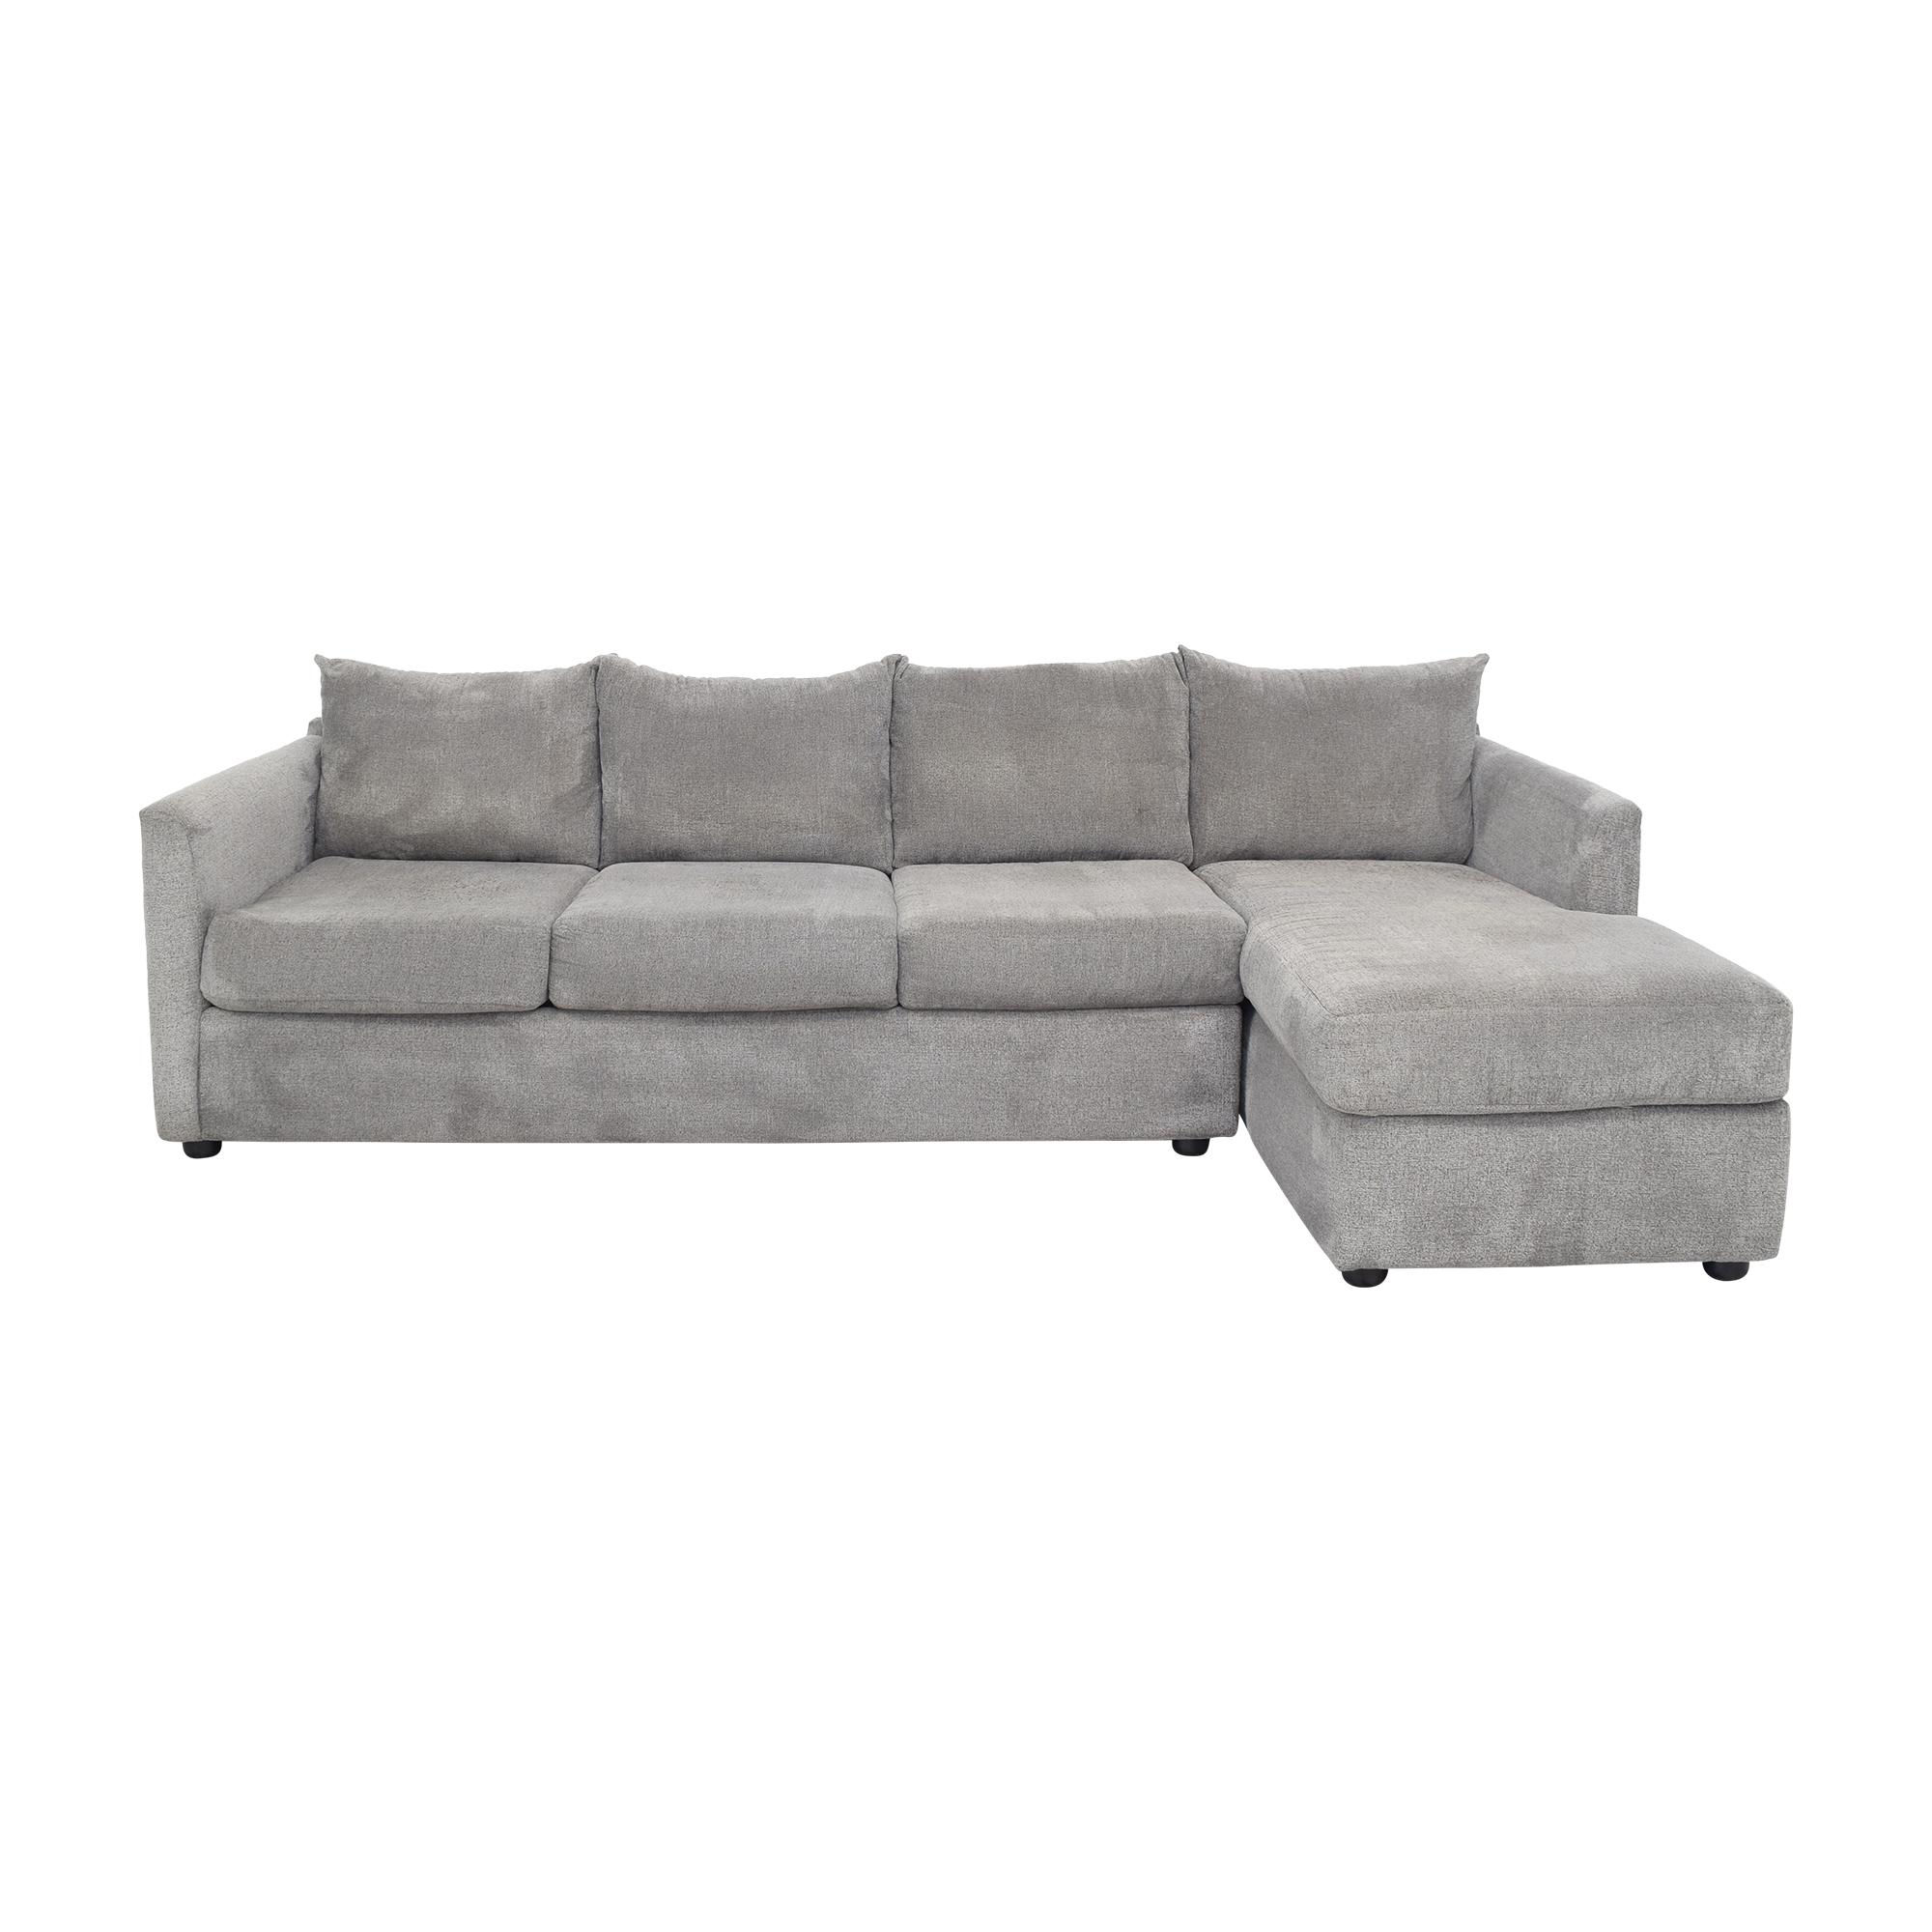 buy KFI Sectional Chaise Sofa KFI Sofas